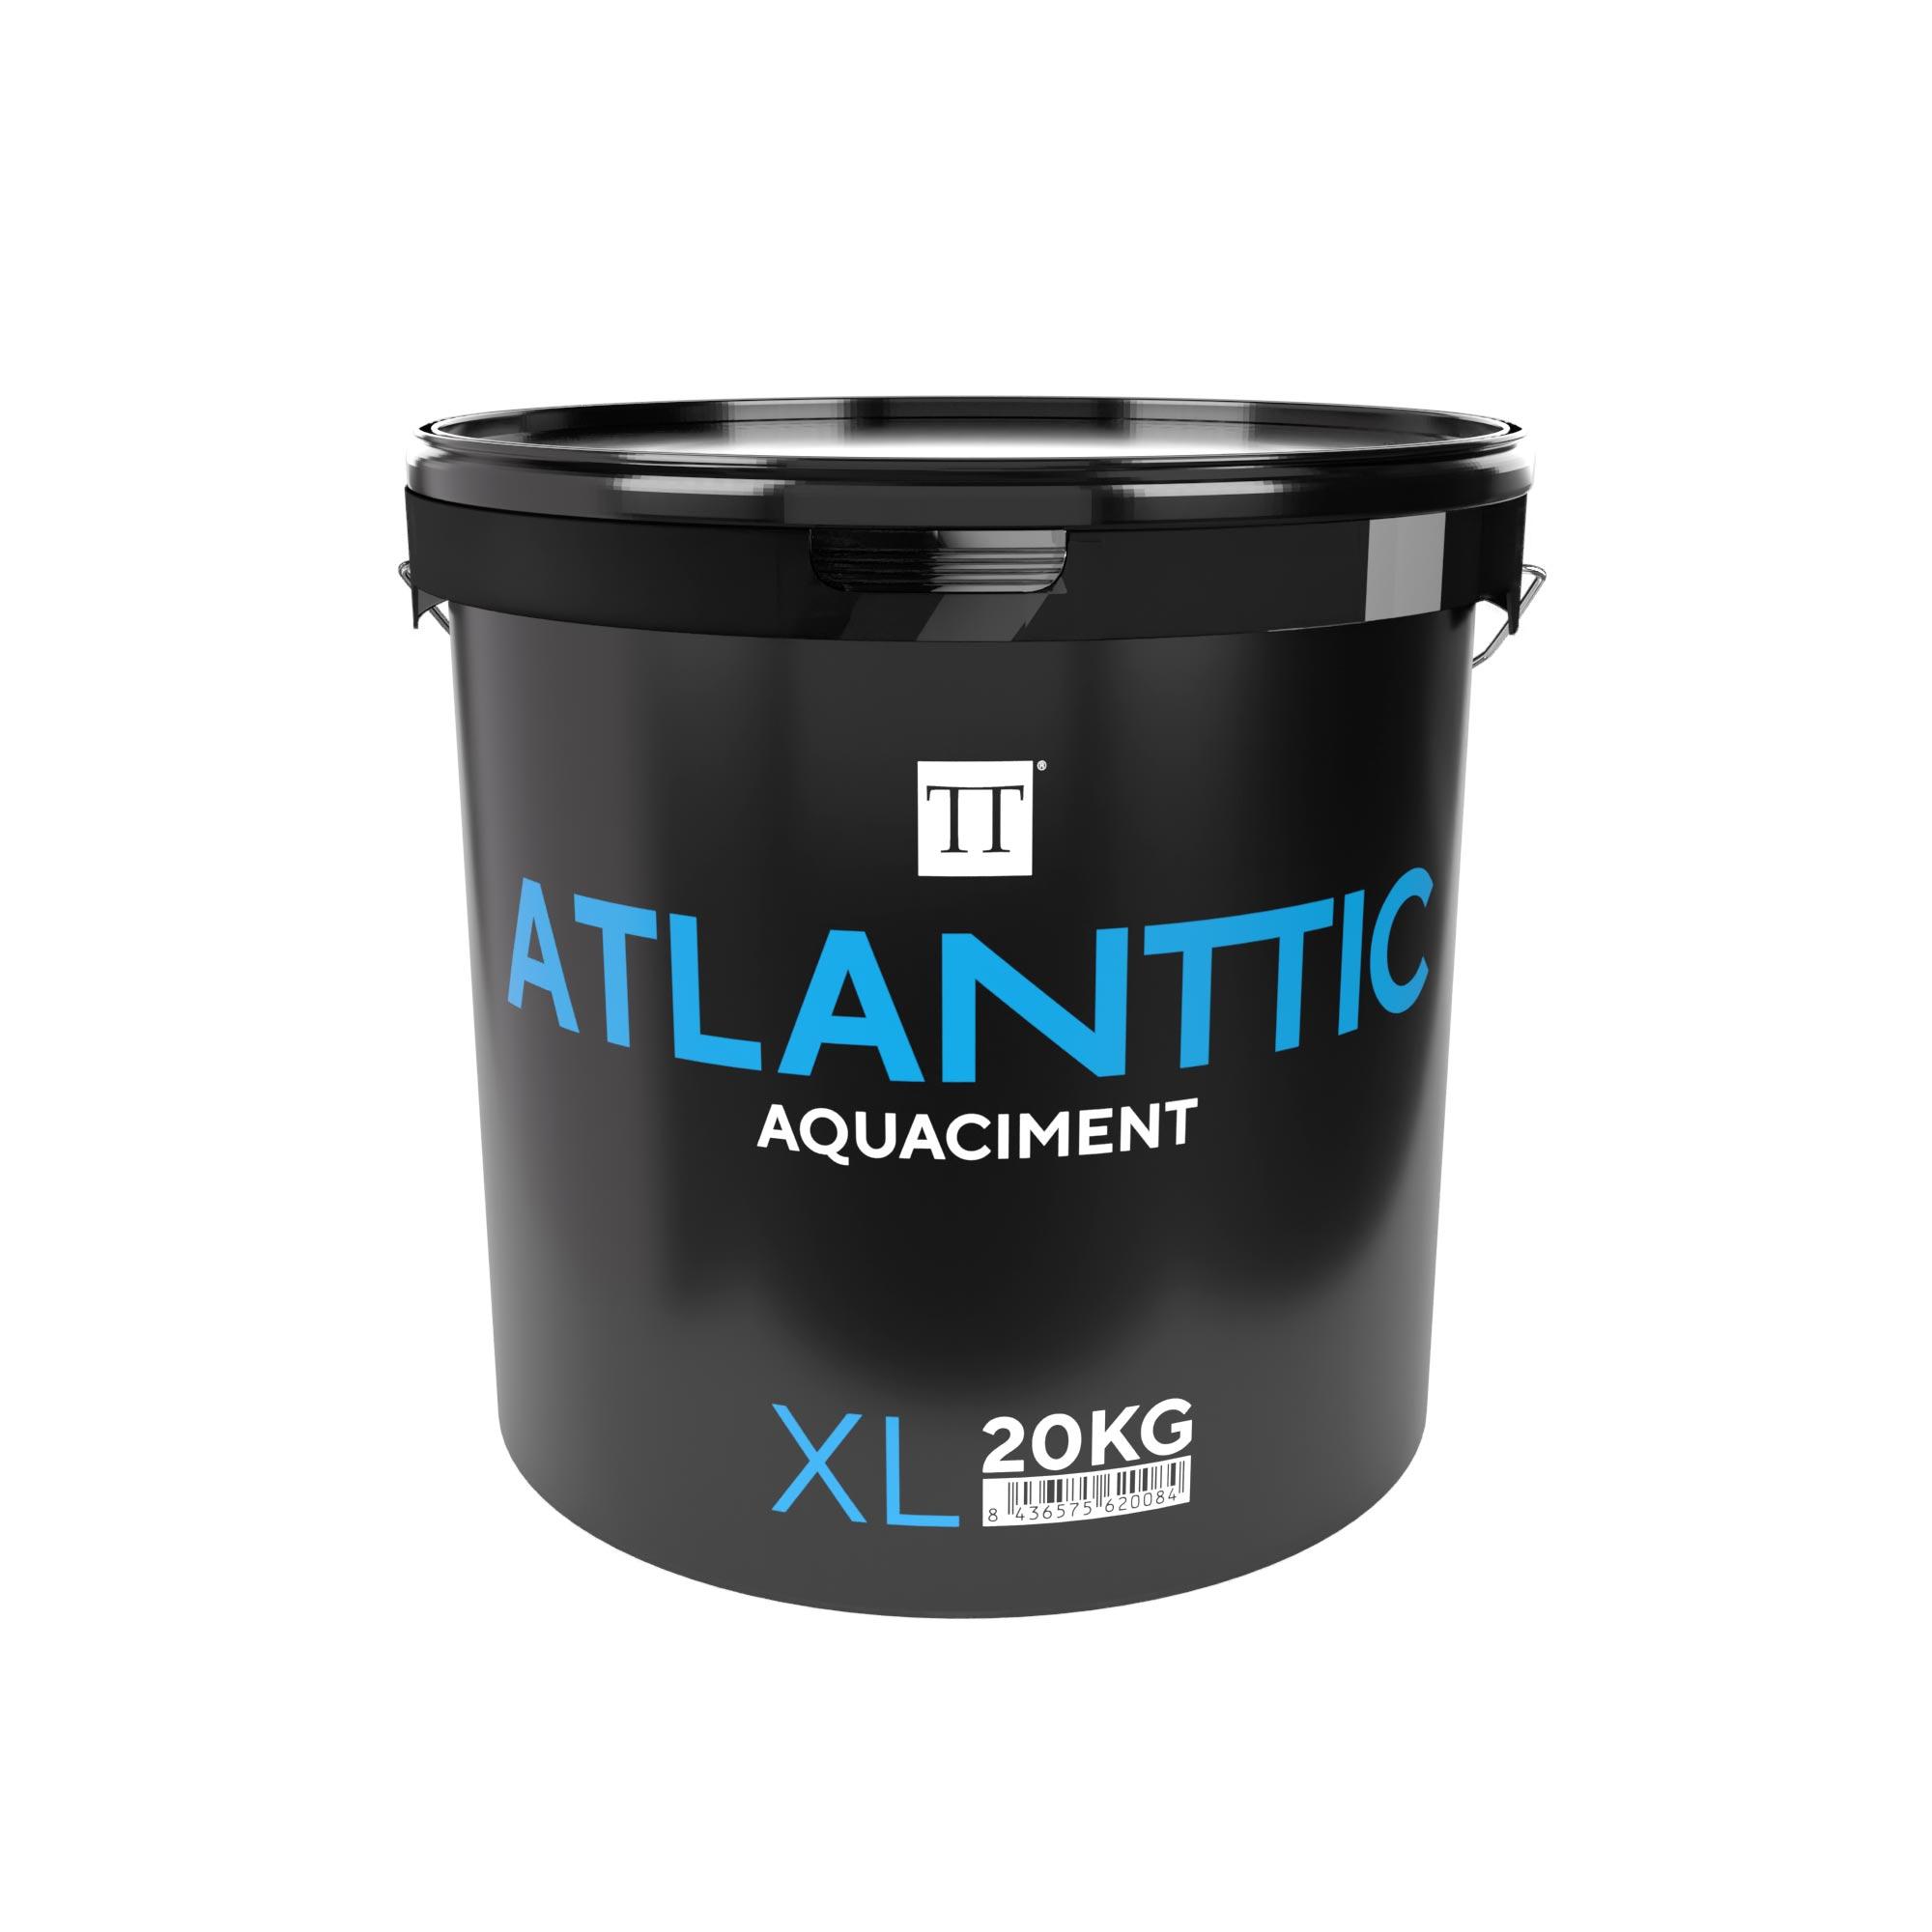 Atlanttic Aquaciment XL